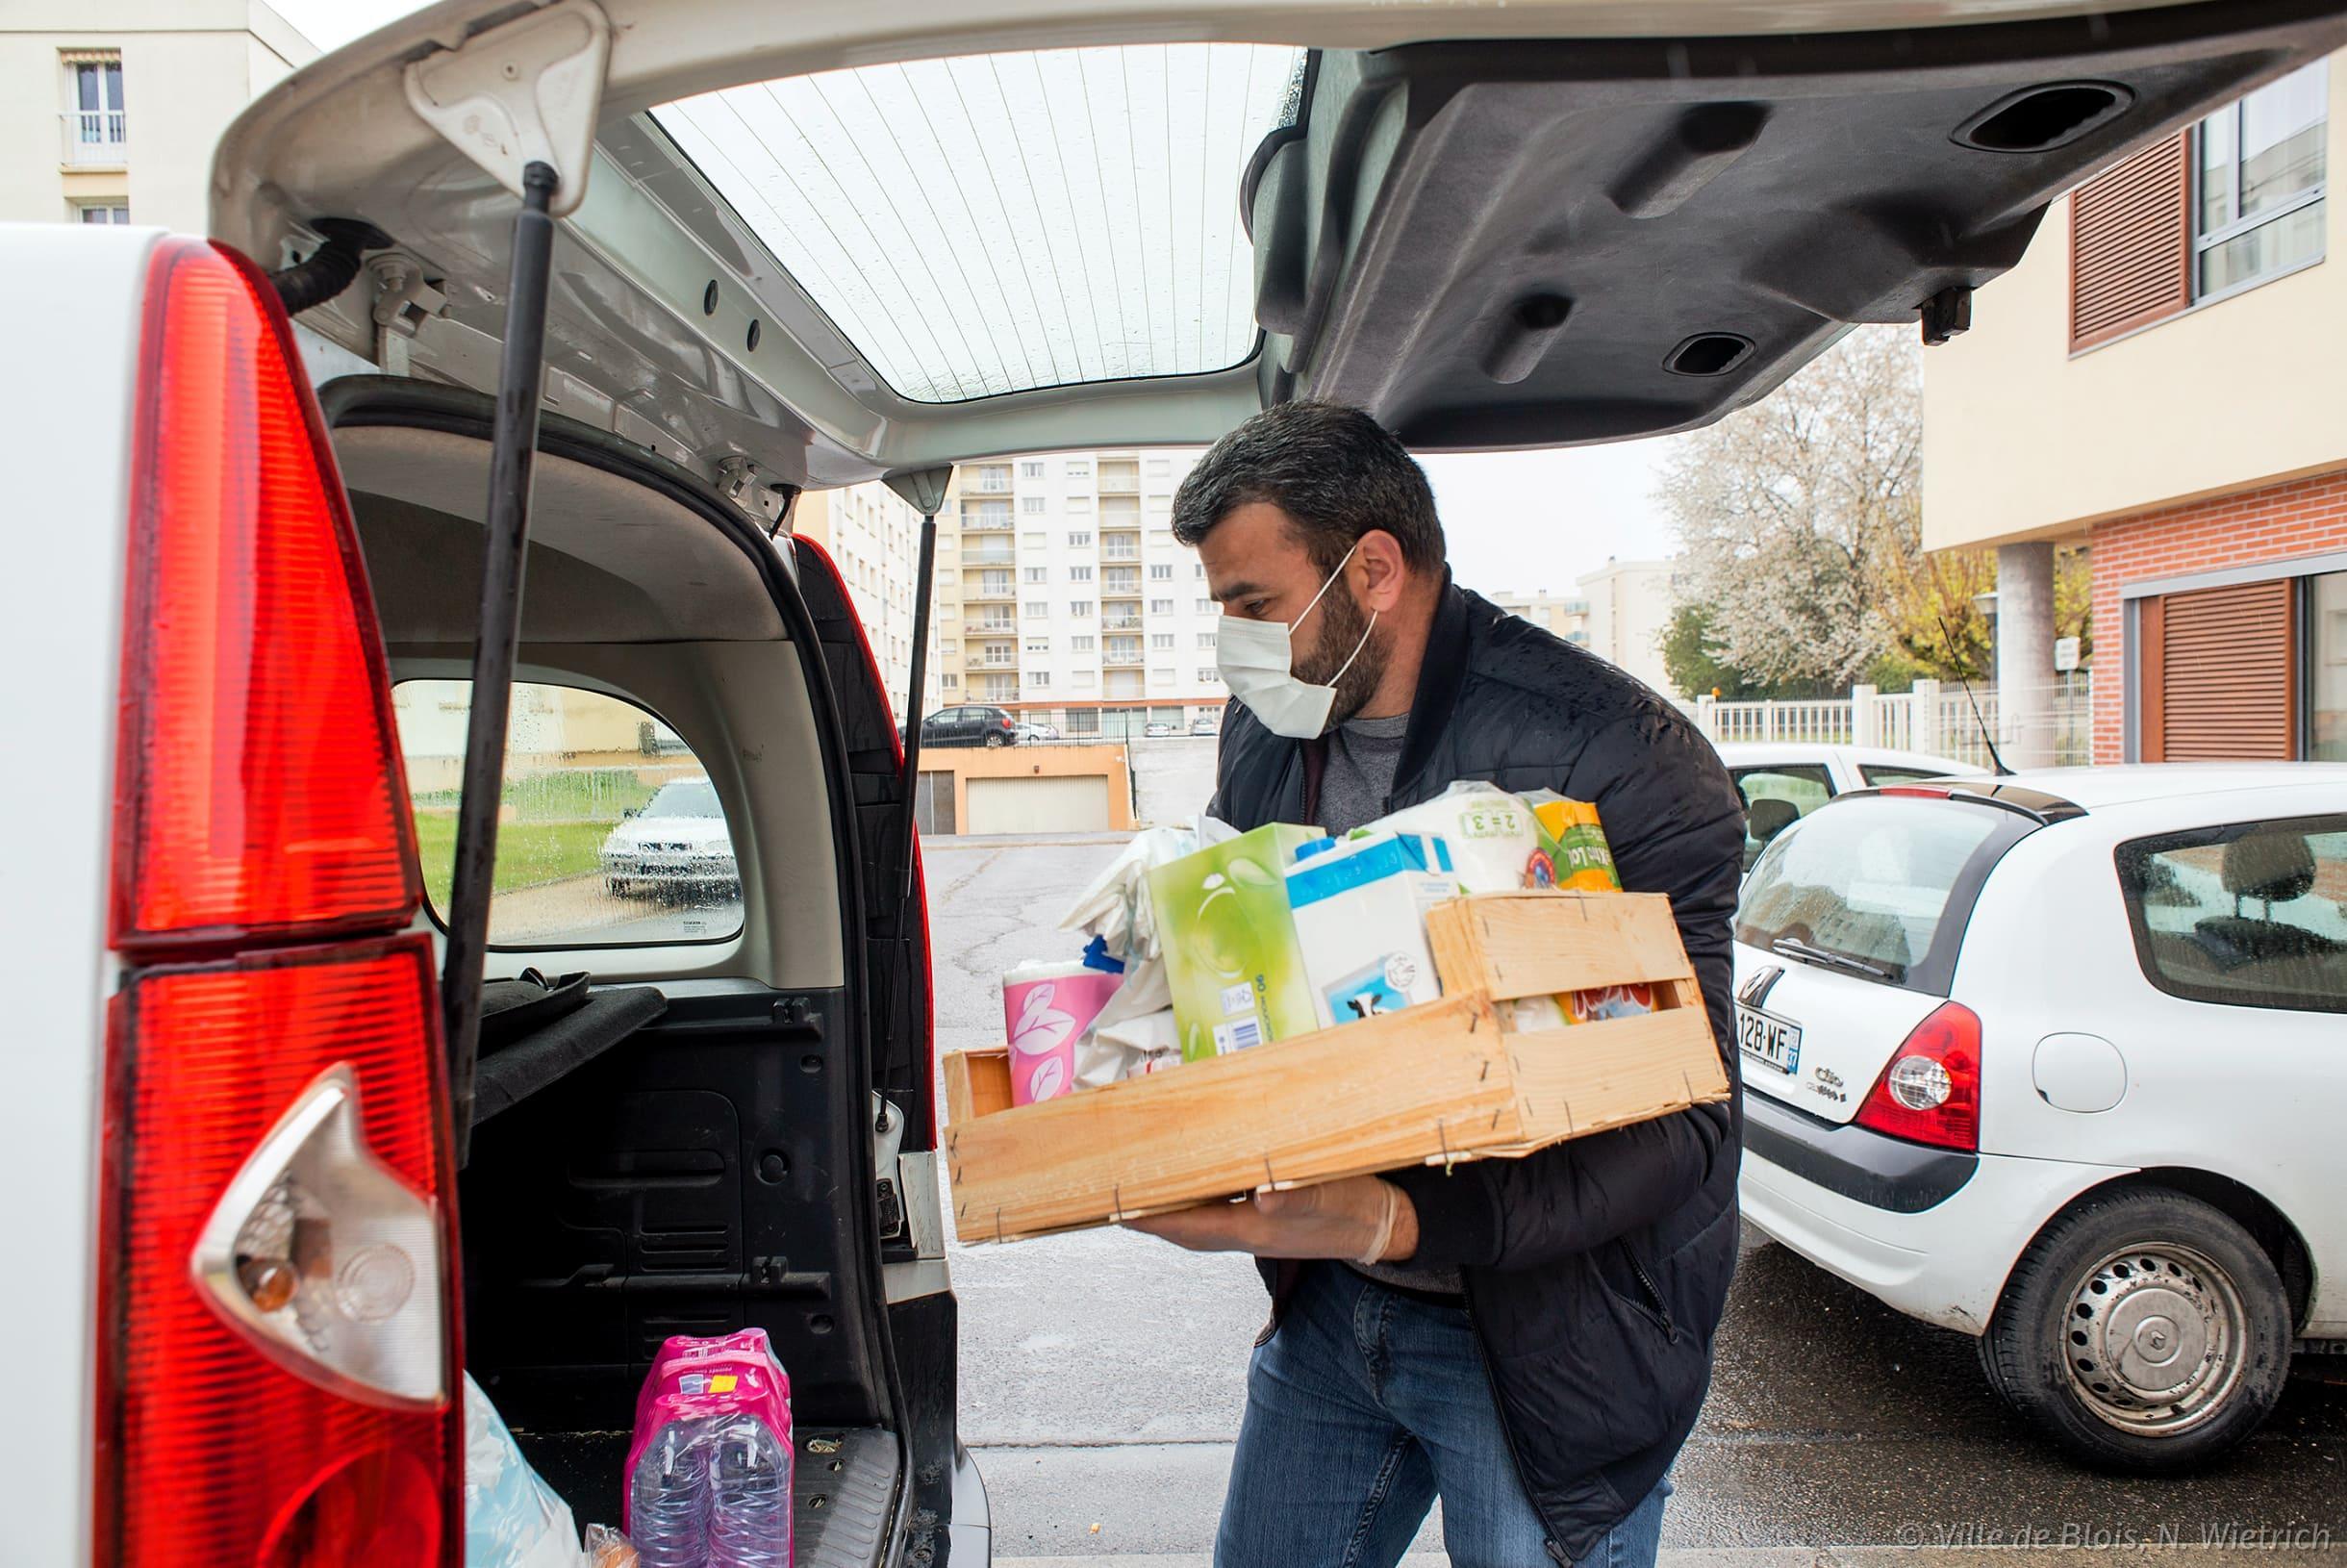 Ozgur Eski, conseiller municipal, décharge des courses dans le véhicule de la Ville pour les livrer aux personnes ne pouvant pas se déplacer.